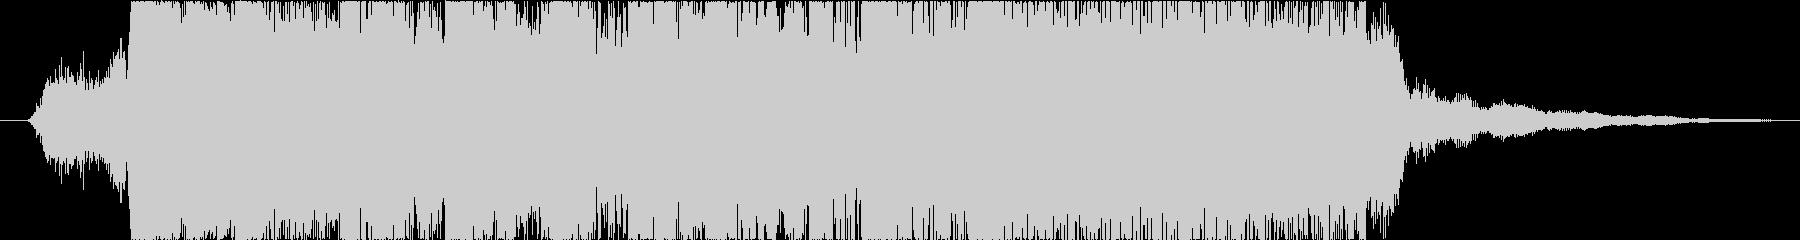 クールなギターカッティングが入るジングルの未再生の波形